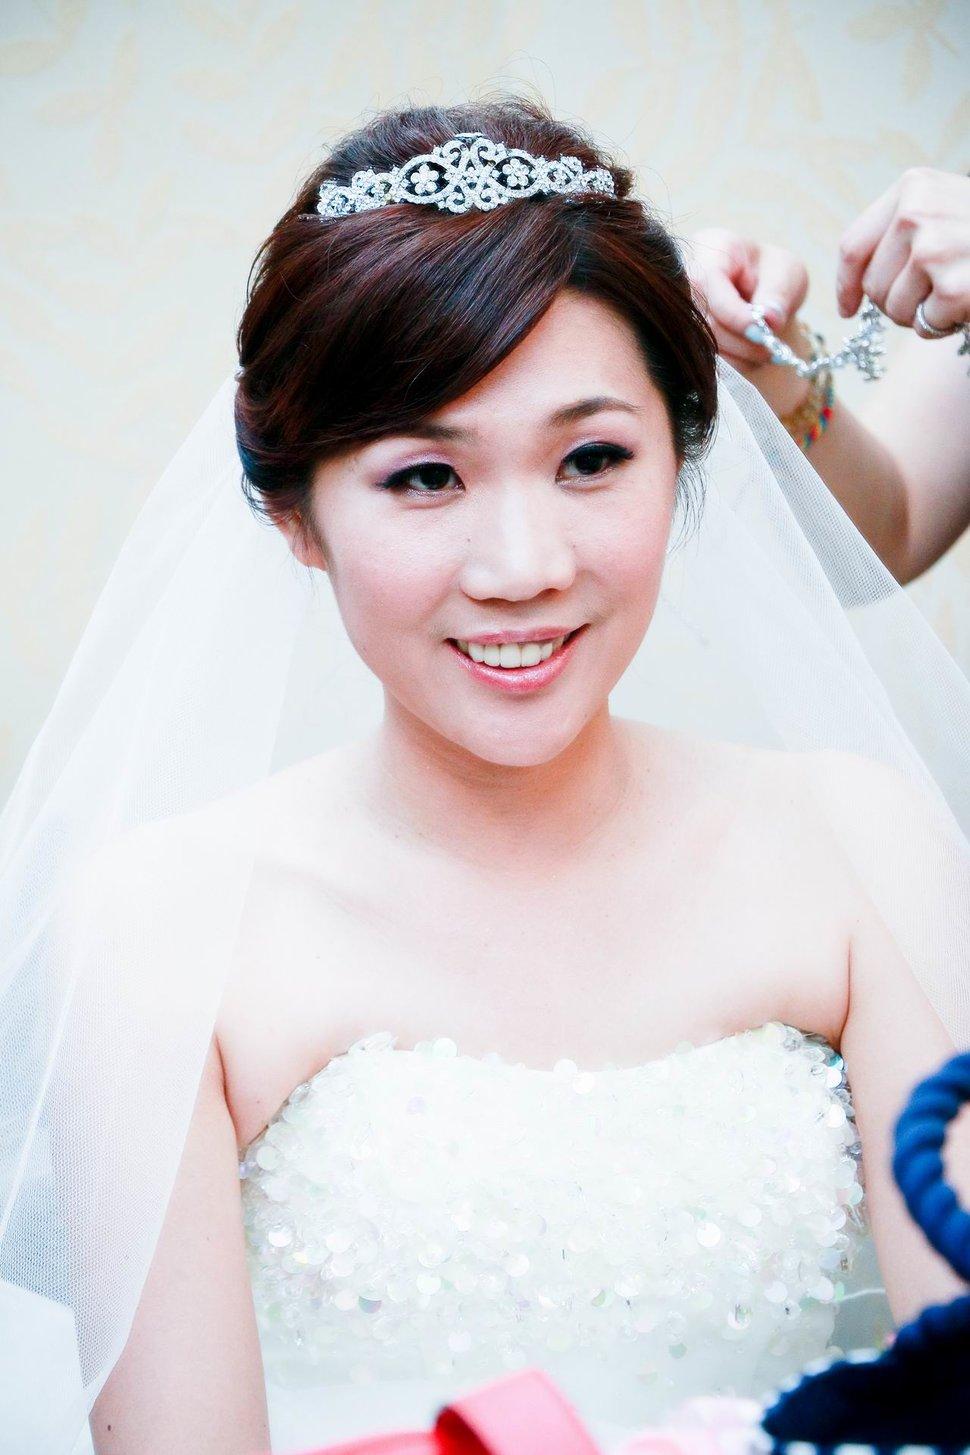 板橋吉立定結餐廳迎娶文定婚禮記錄結婚迎娶婚禮攝影動態微電影錄影專業錄影平面攝影影婚禮主持人(編號:197010) - 蜜月拍照10800錄影12800攝影團隊 - 結婚吧